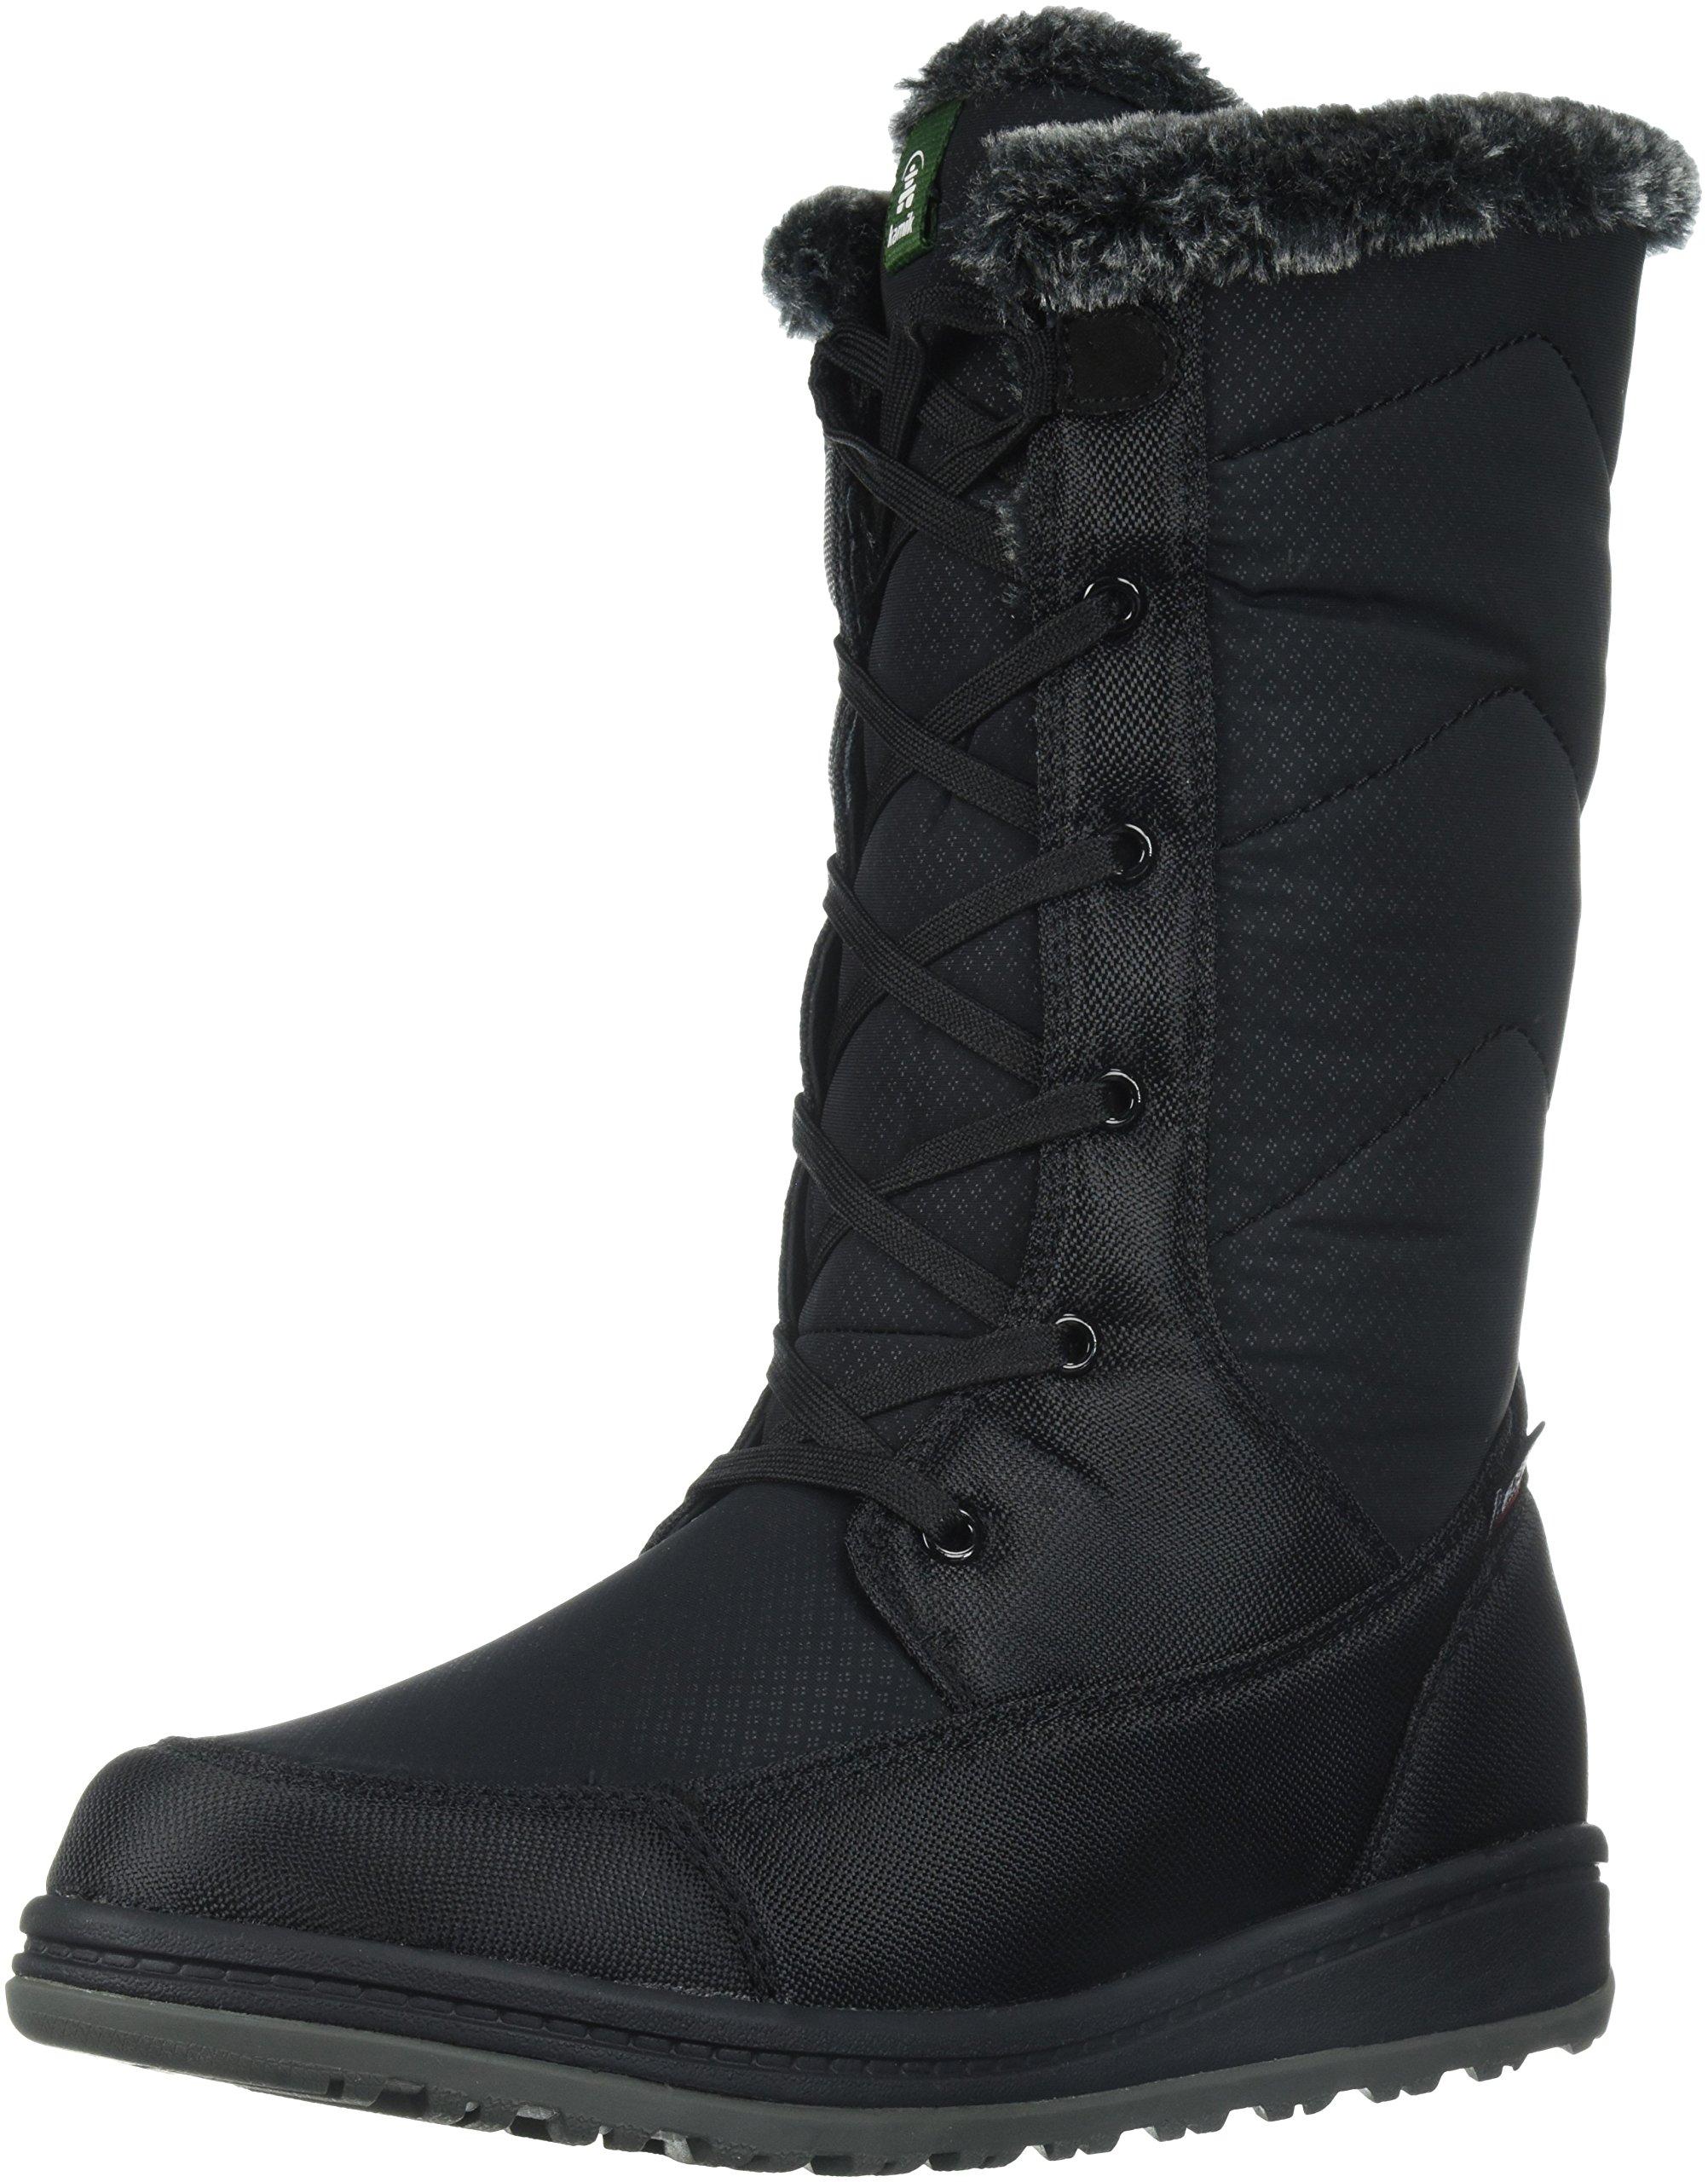 Kamik Women's Quincy Snow Boot, Black, 6 D US